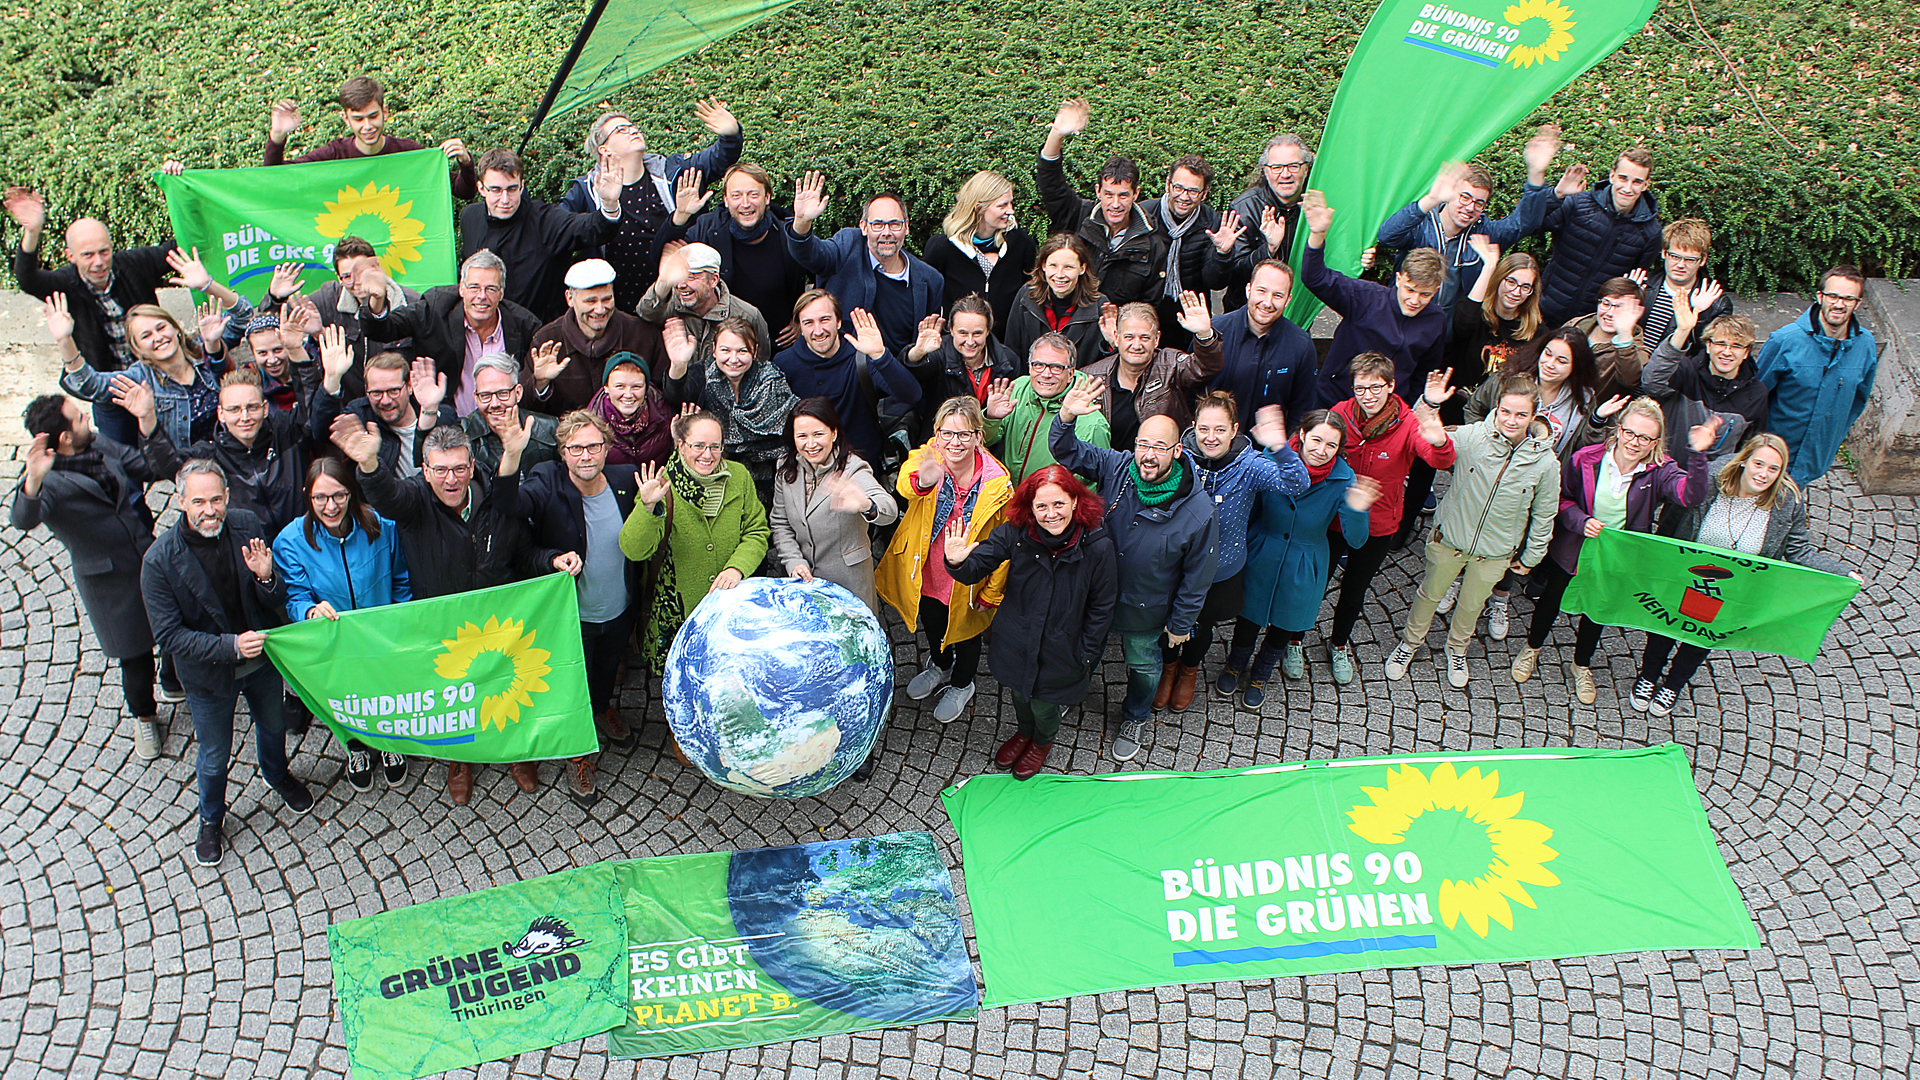 Genau ein Jahr vor der #ltwth19: Grün wächst!